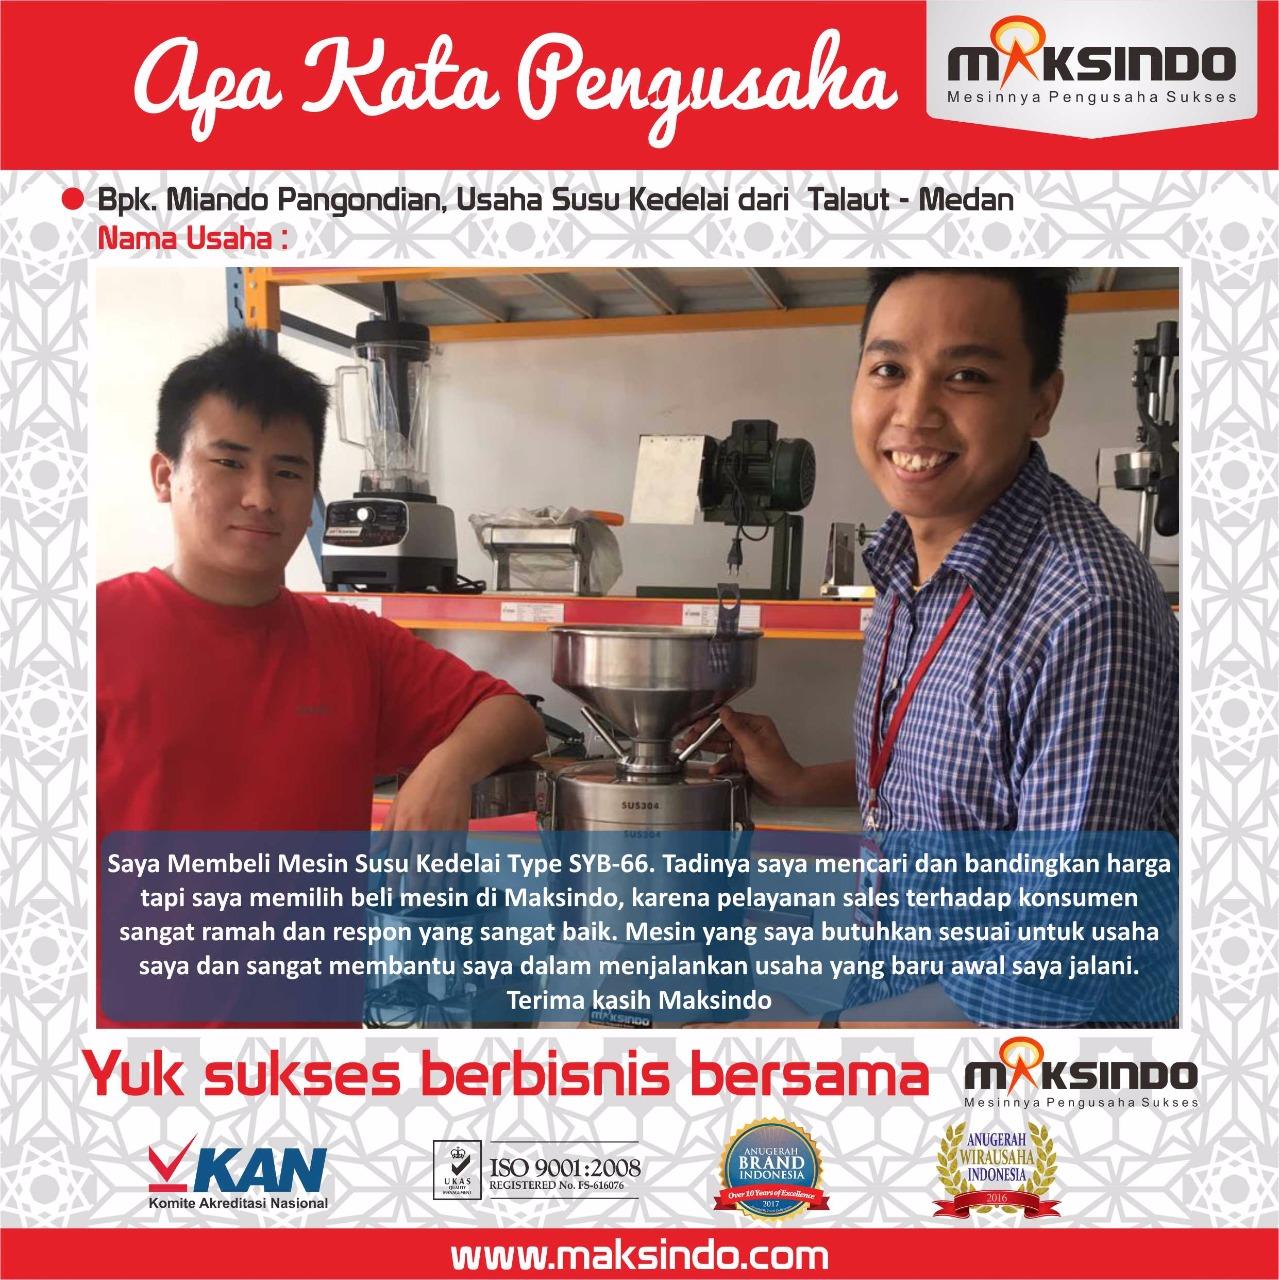 Bapak Miando : Mesin Susu Kedelai Maksindo Berkualitas dan Pelayanan yang Baik